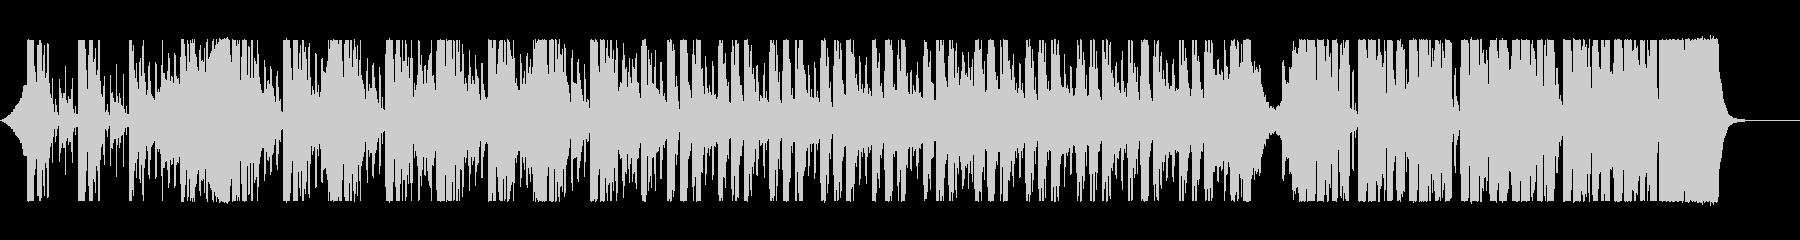 【サントラ】サスペンス風の緊張演出BGMの未再生の波形